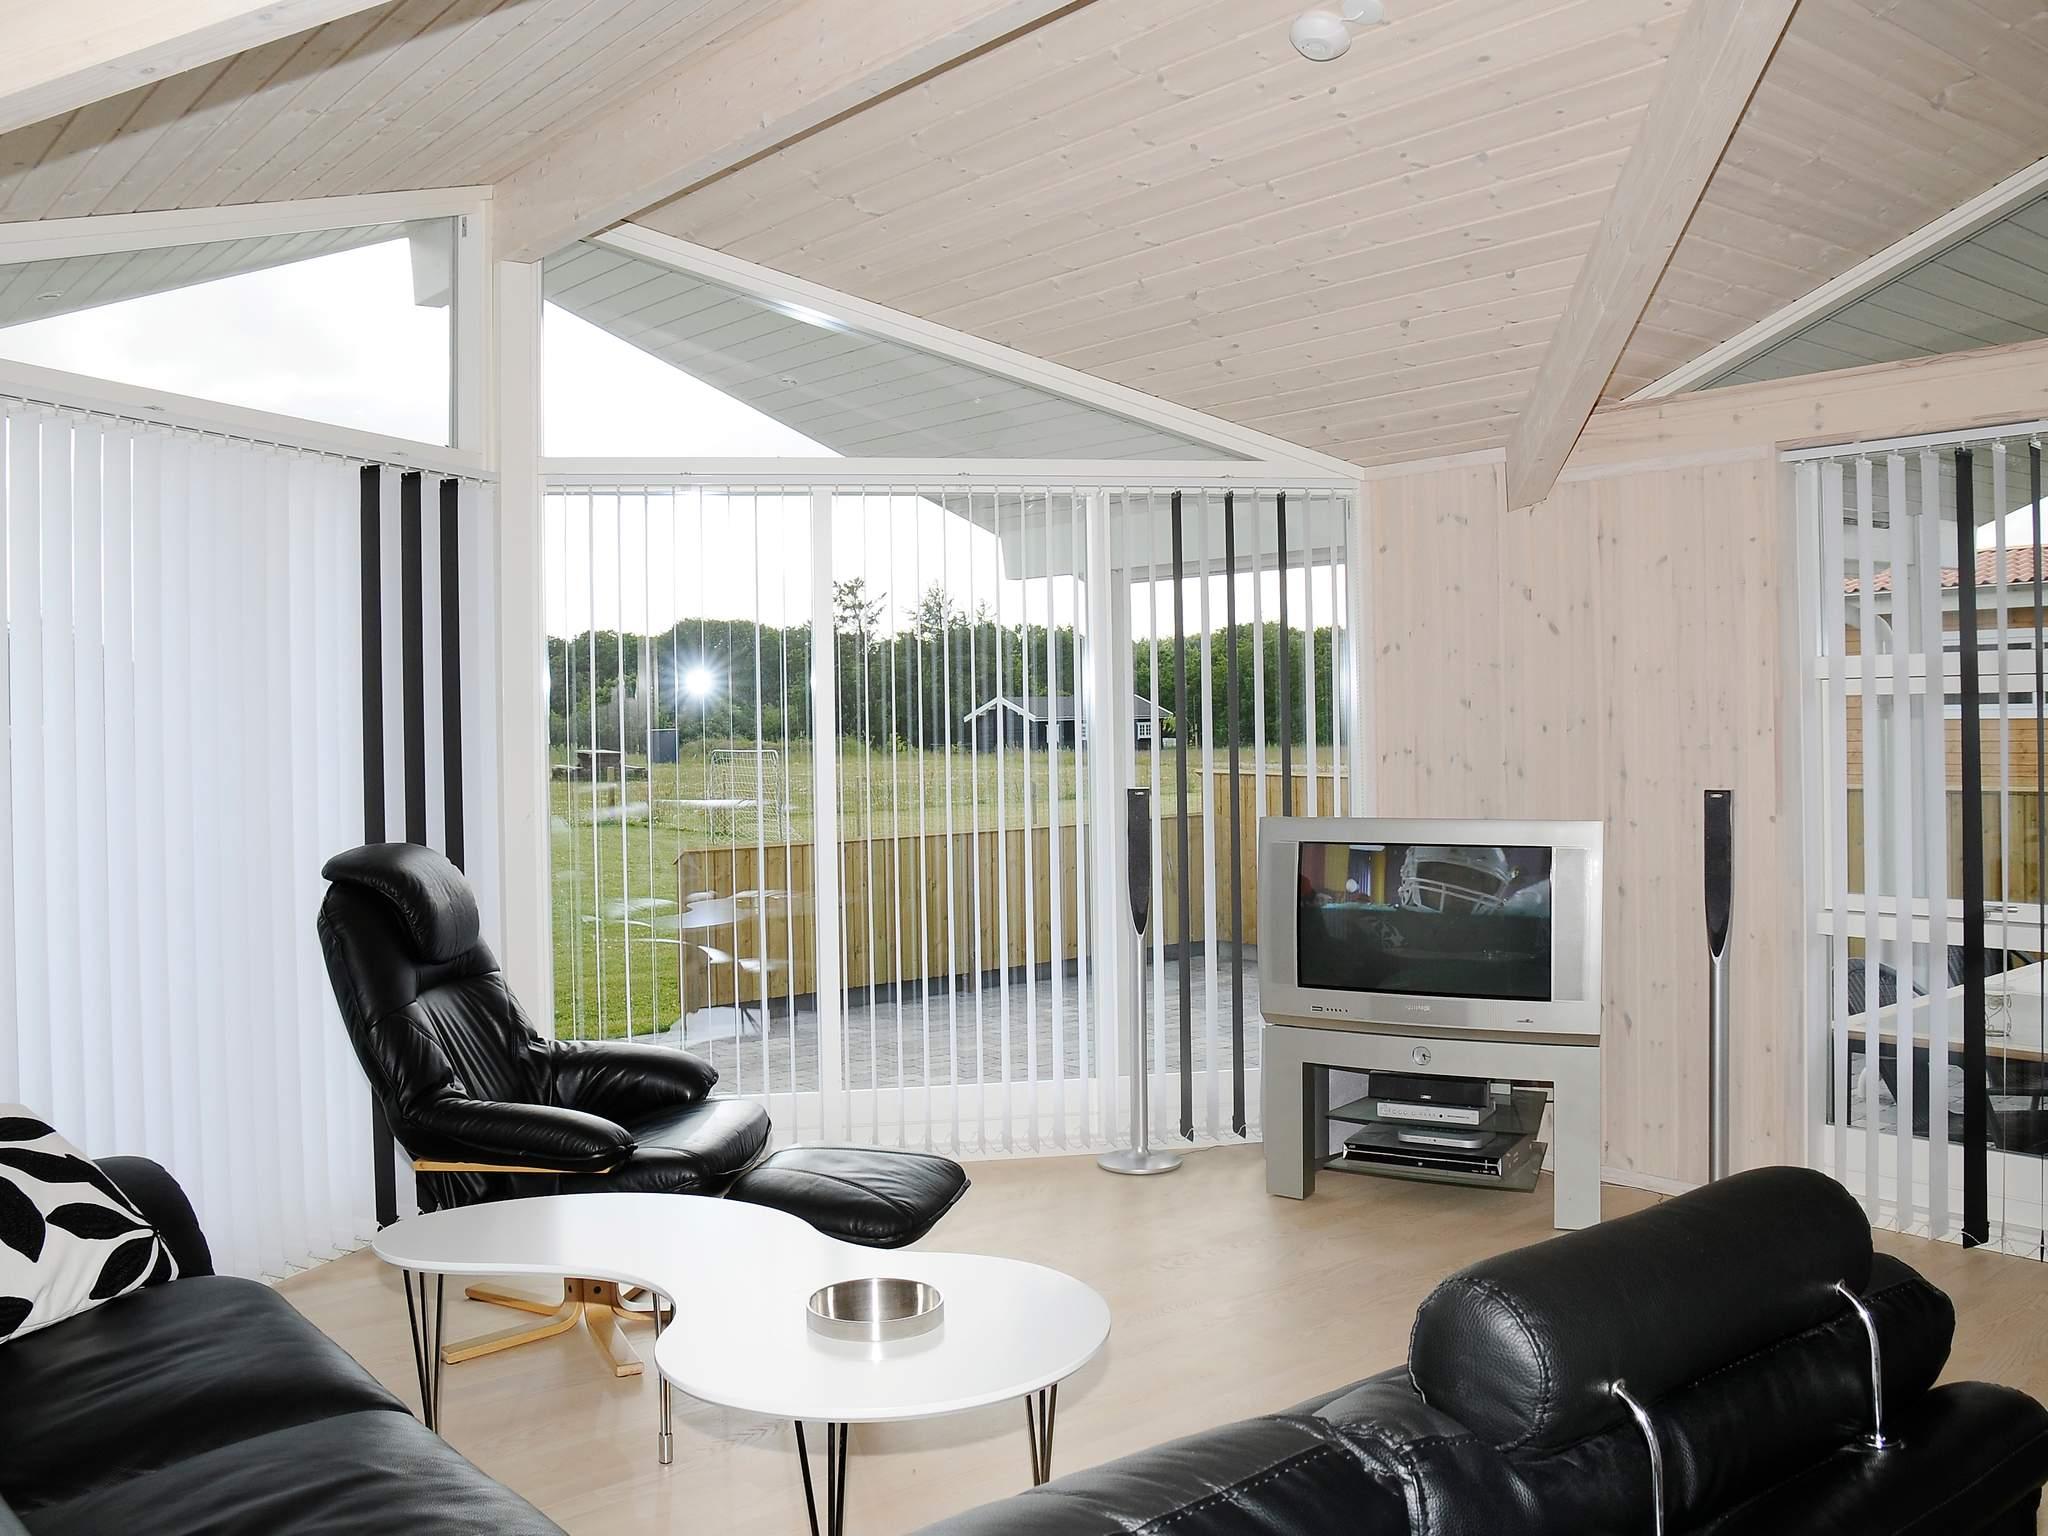 Ferienhaus Hovborg (344962), Hovborg, , Südjütland, Dänemark, Bild 3